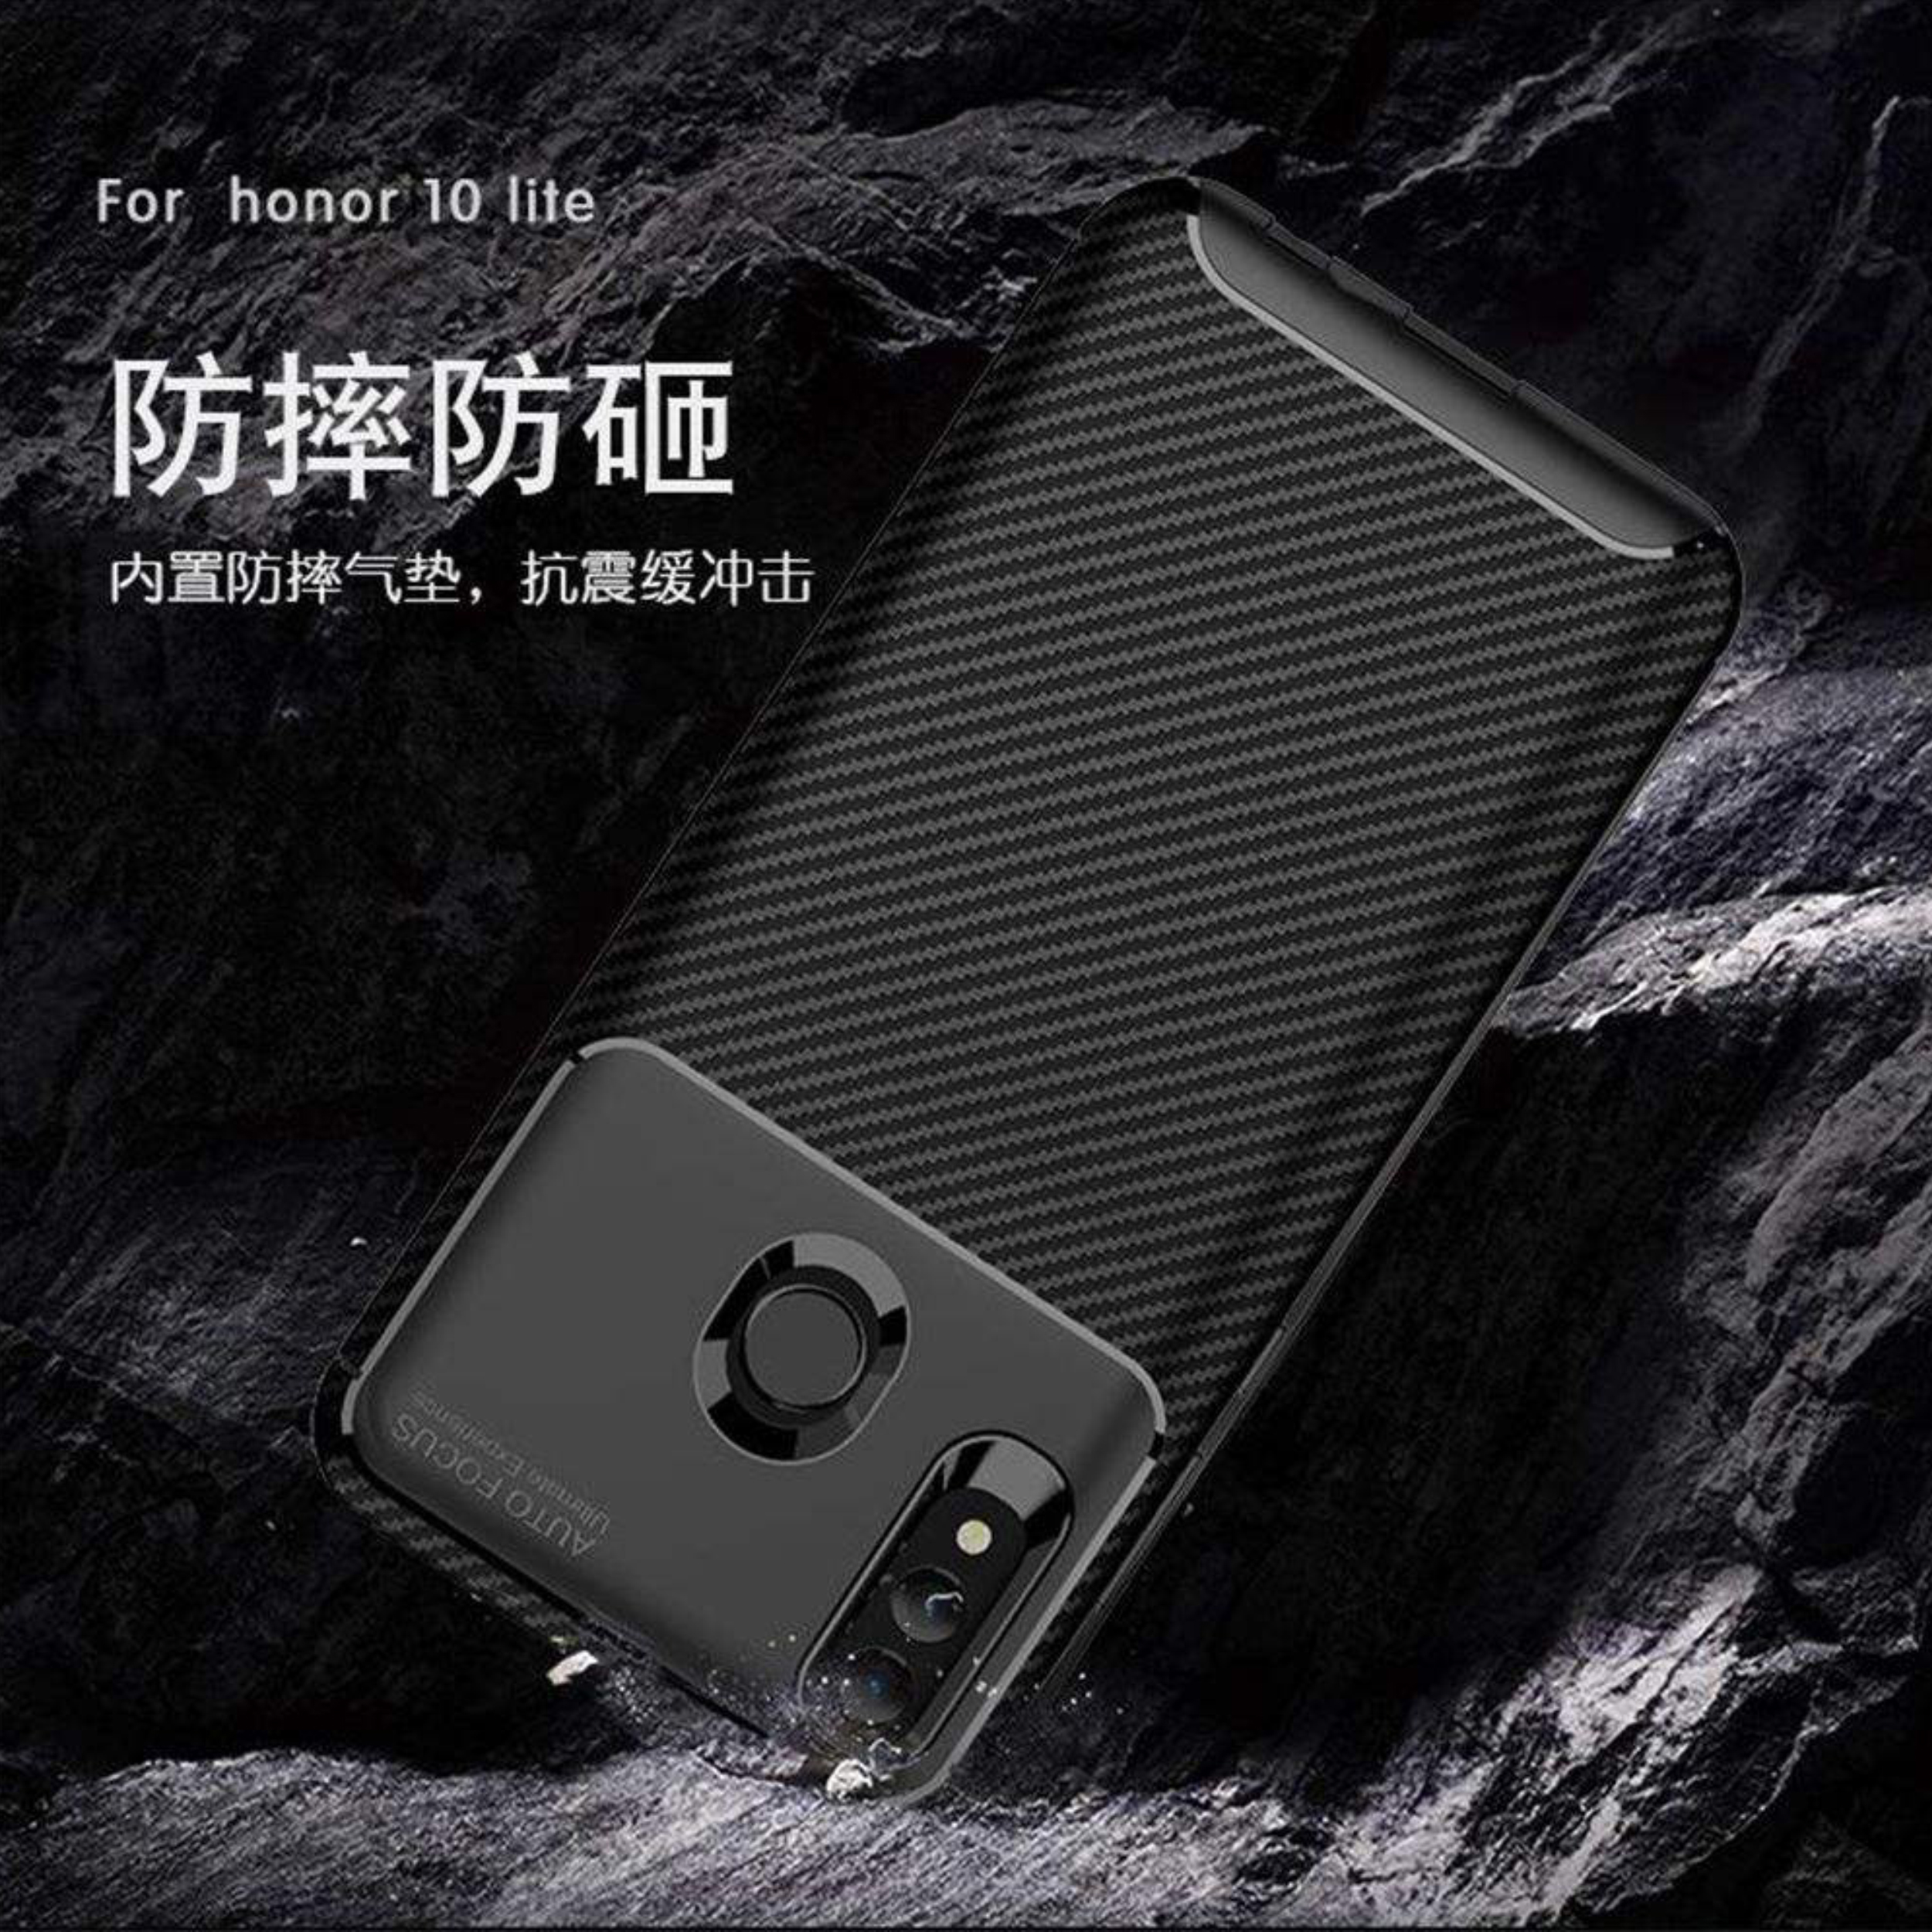 کاور لاین کینگ مدل A21 مناسب برای گوشی موبایل هوآوی P Smart 2019/ آنر 10Lite thumb 2 9